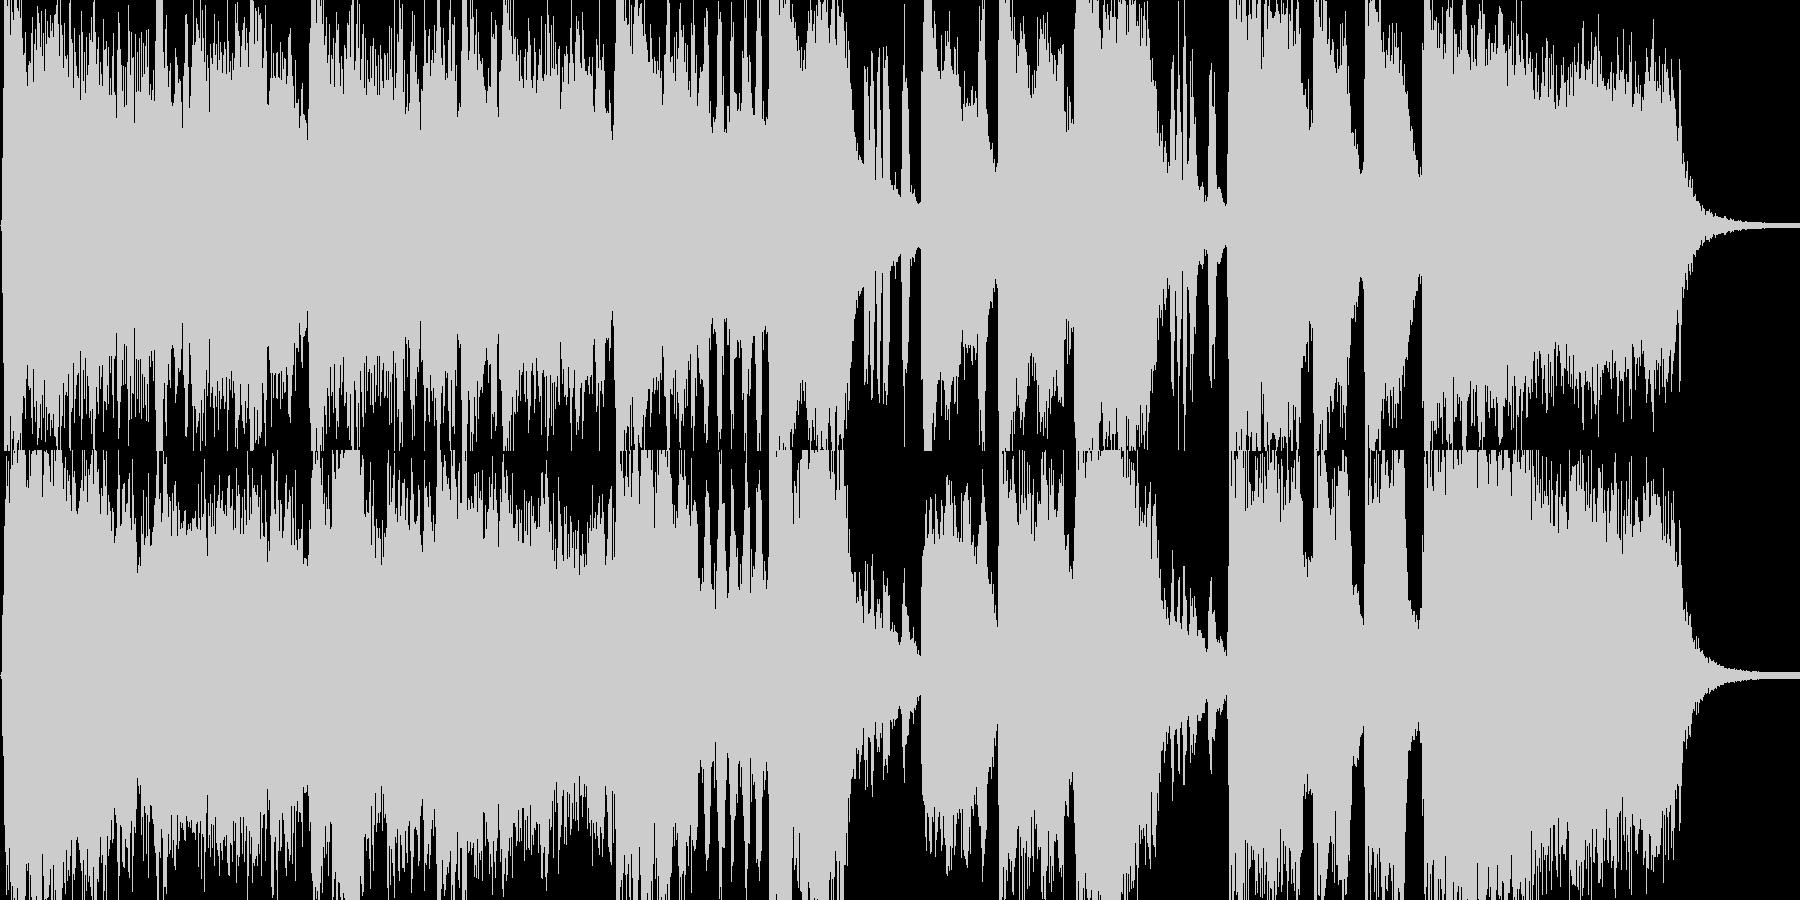 開会式を想定した華やかなファンファーレ…の未再生の波形